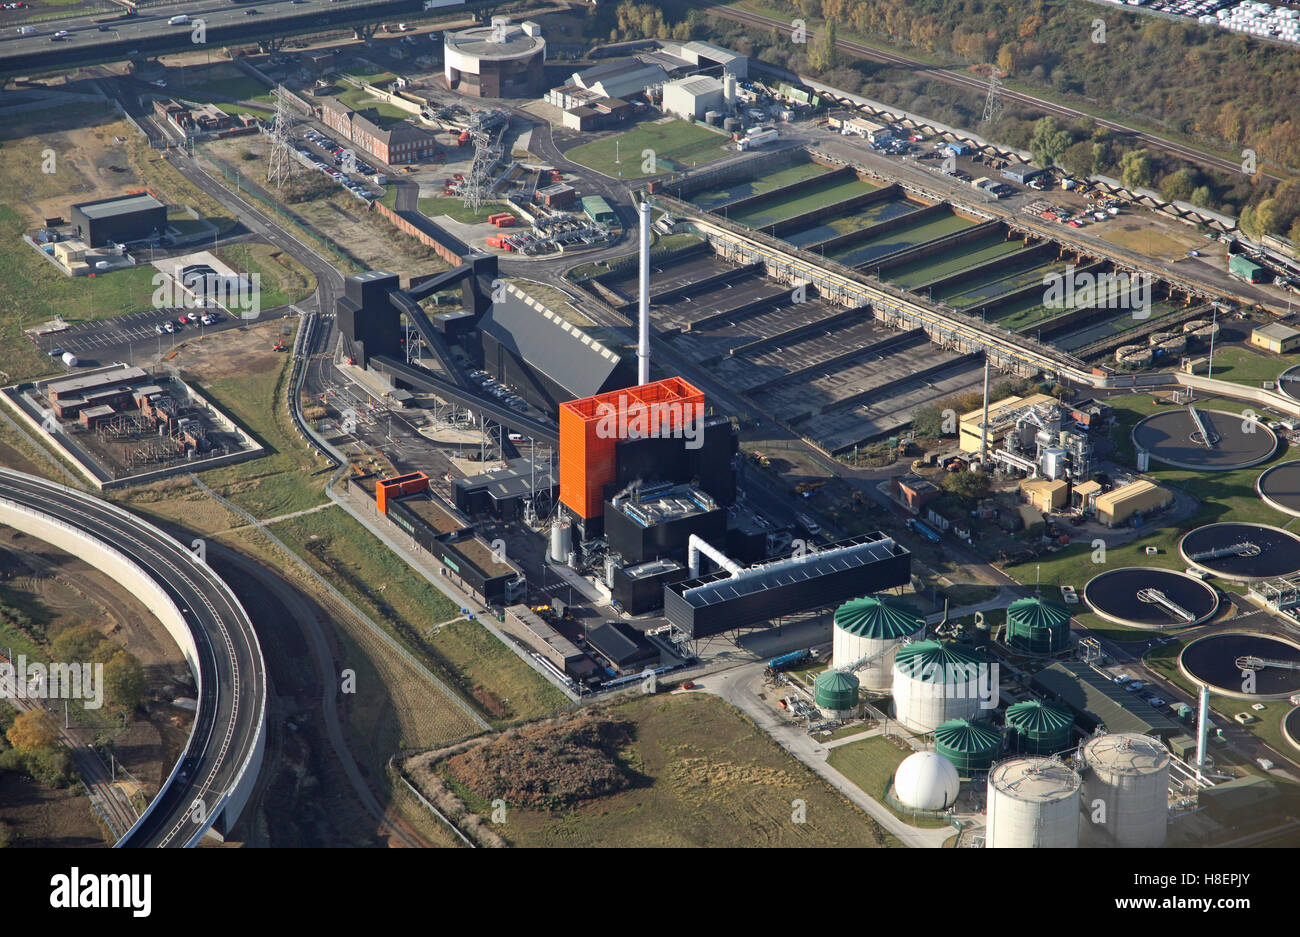 Vista aérea de la planta de energía renovable Meadows Blackburn dirigido por eon en Rotherham, South Yorkshire, Imagen De Stock